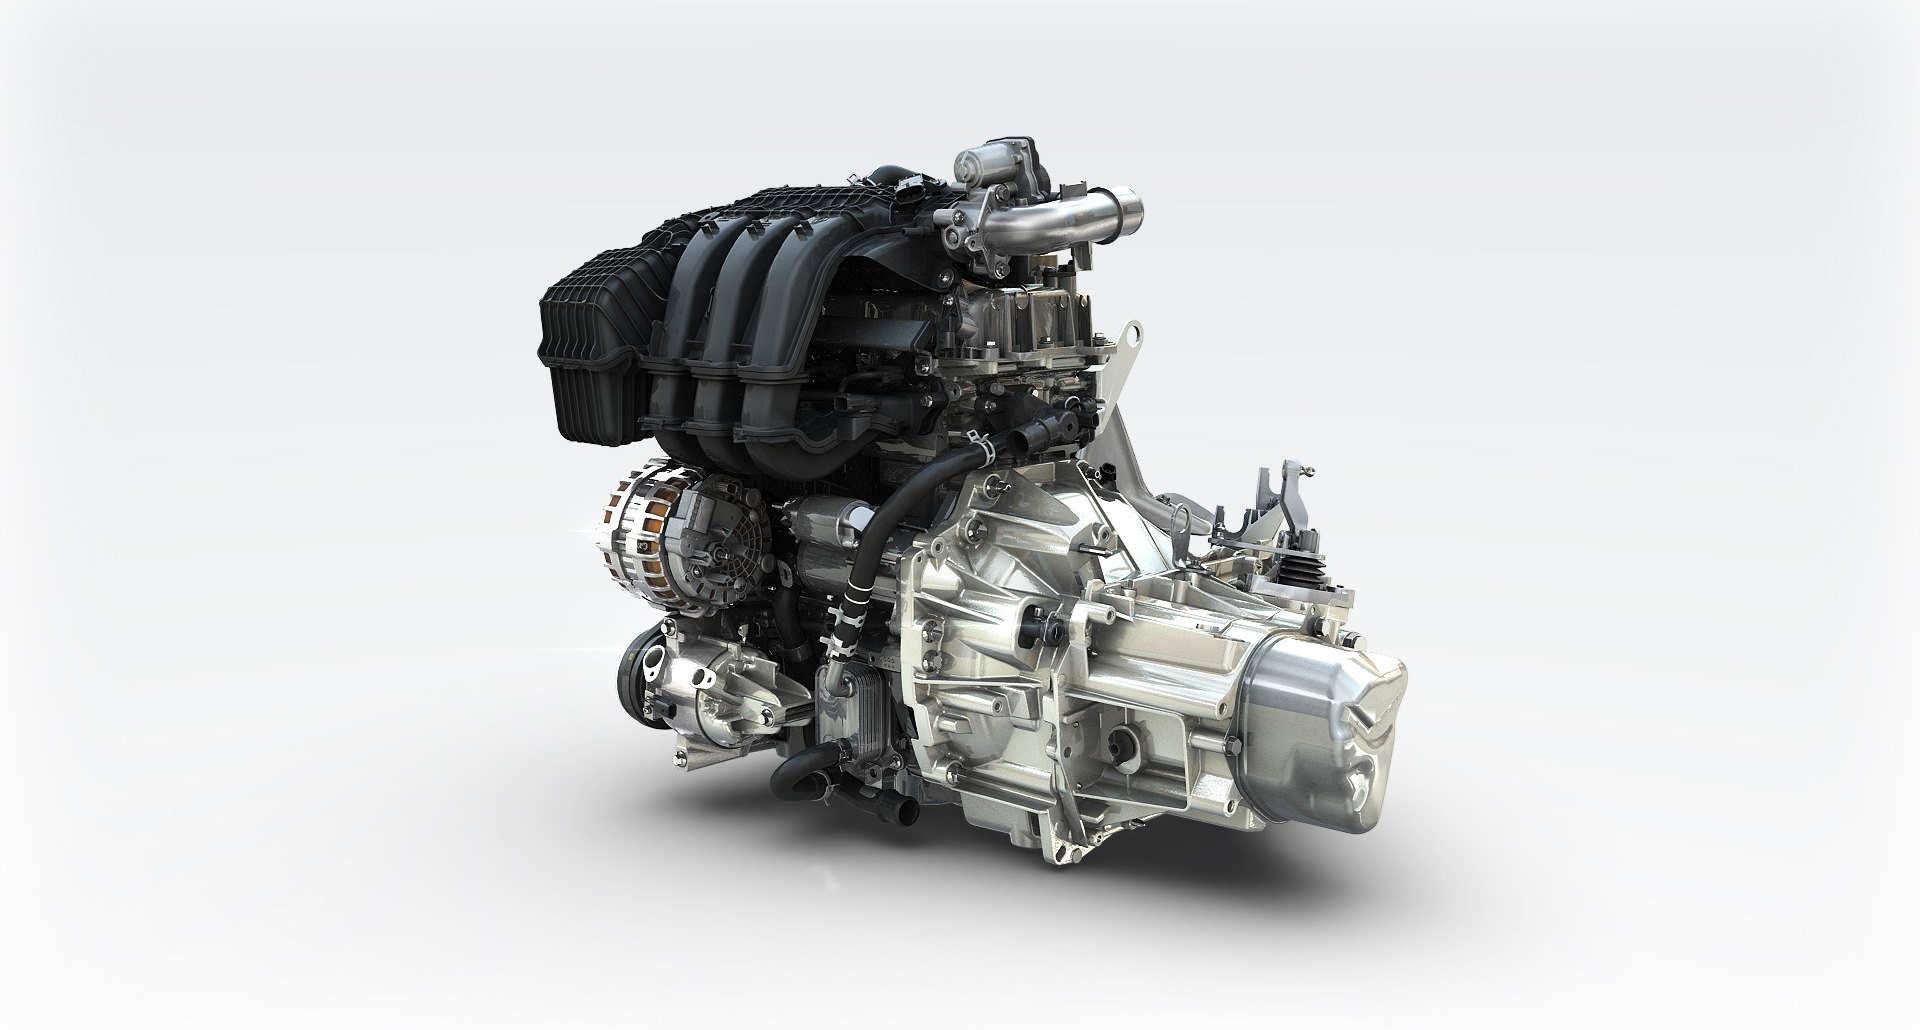 renault-clio-generation-motor